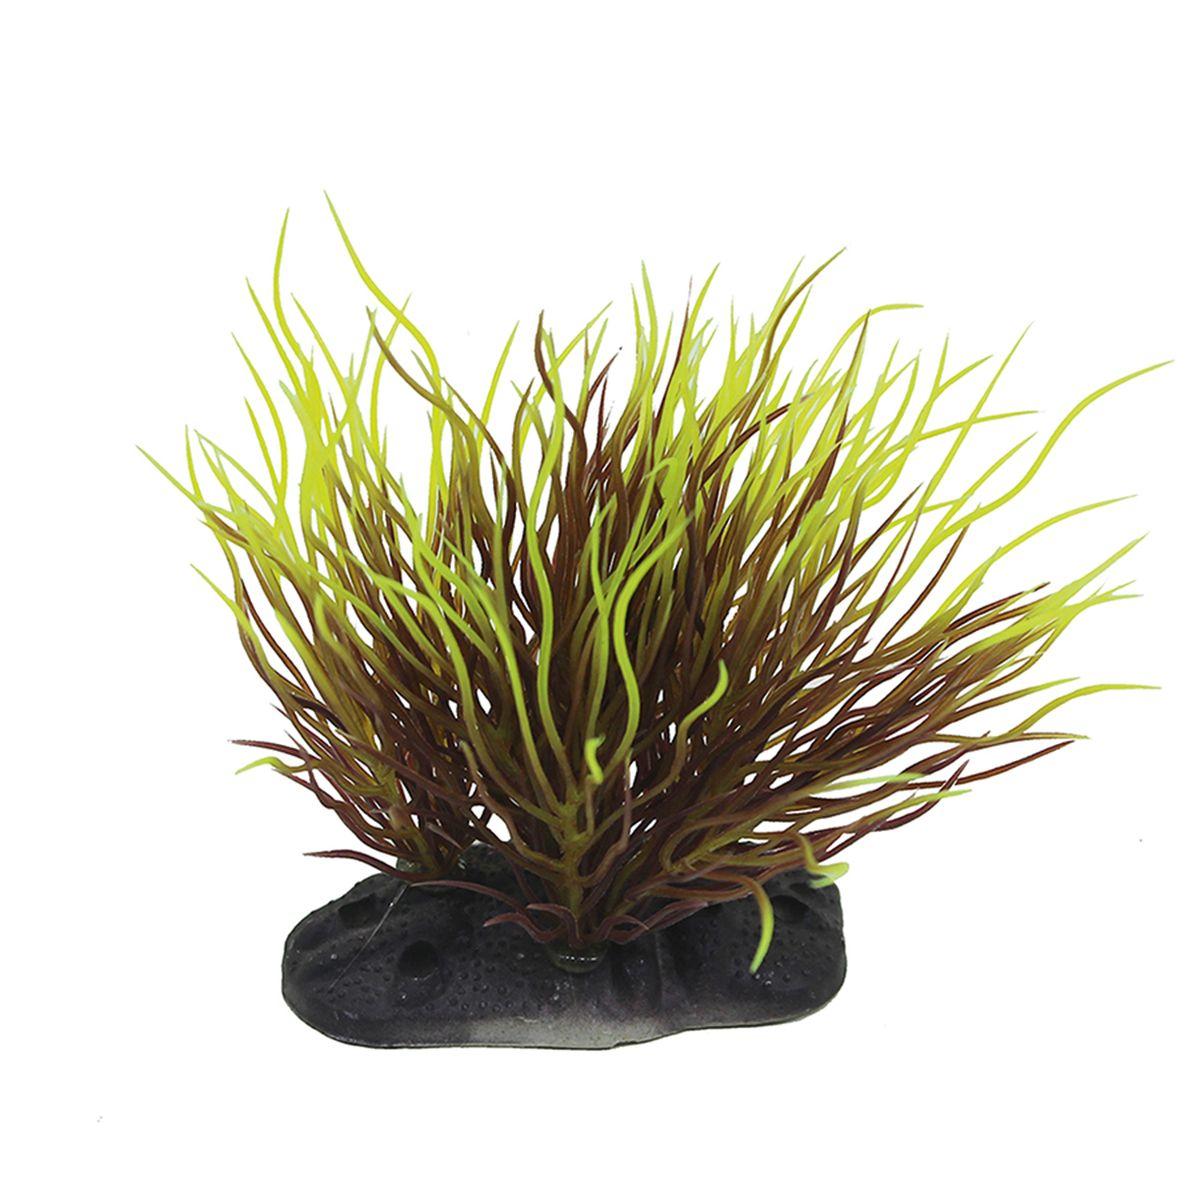 Растение для аквариума ArtUniq Пузырчатка красно-желтая, высота 10-12 см0120710Композиция из искусственных растений ArtUniq превосходно украсит и оживит аквариум.Растения - это важная часть любой композиции, они помогут вдохнуть жизнь в ландшафт любого аквариума или террариума. А их сходствос природными порадует даже самых взыскательных ценителей.